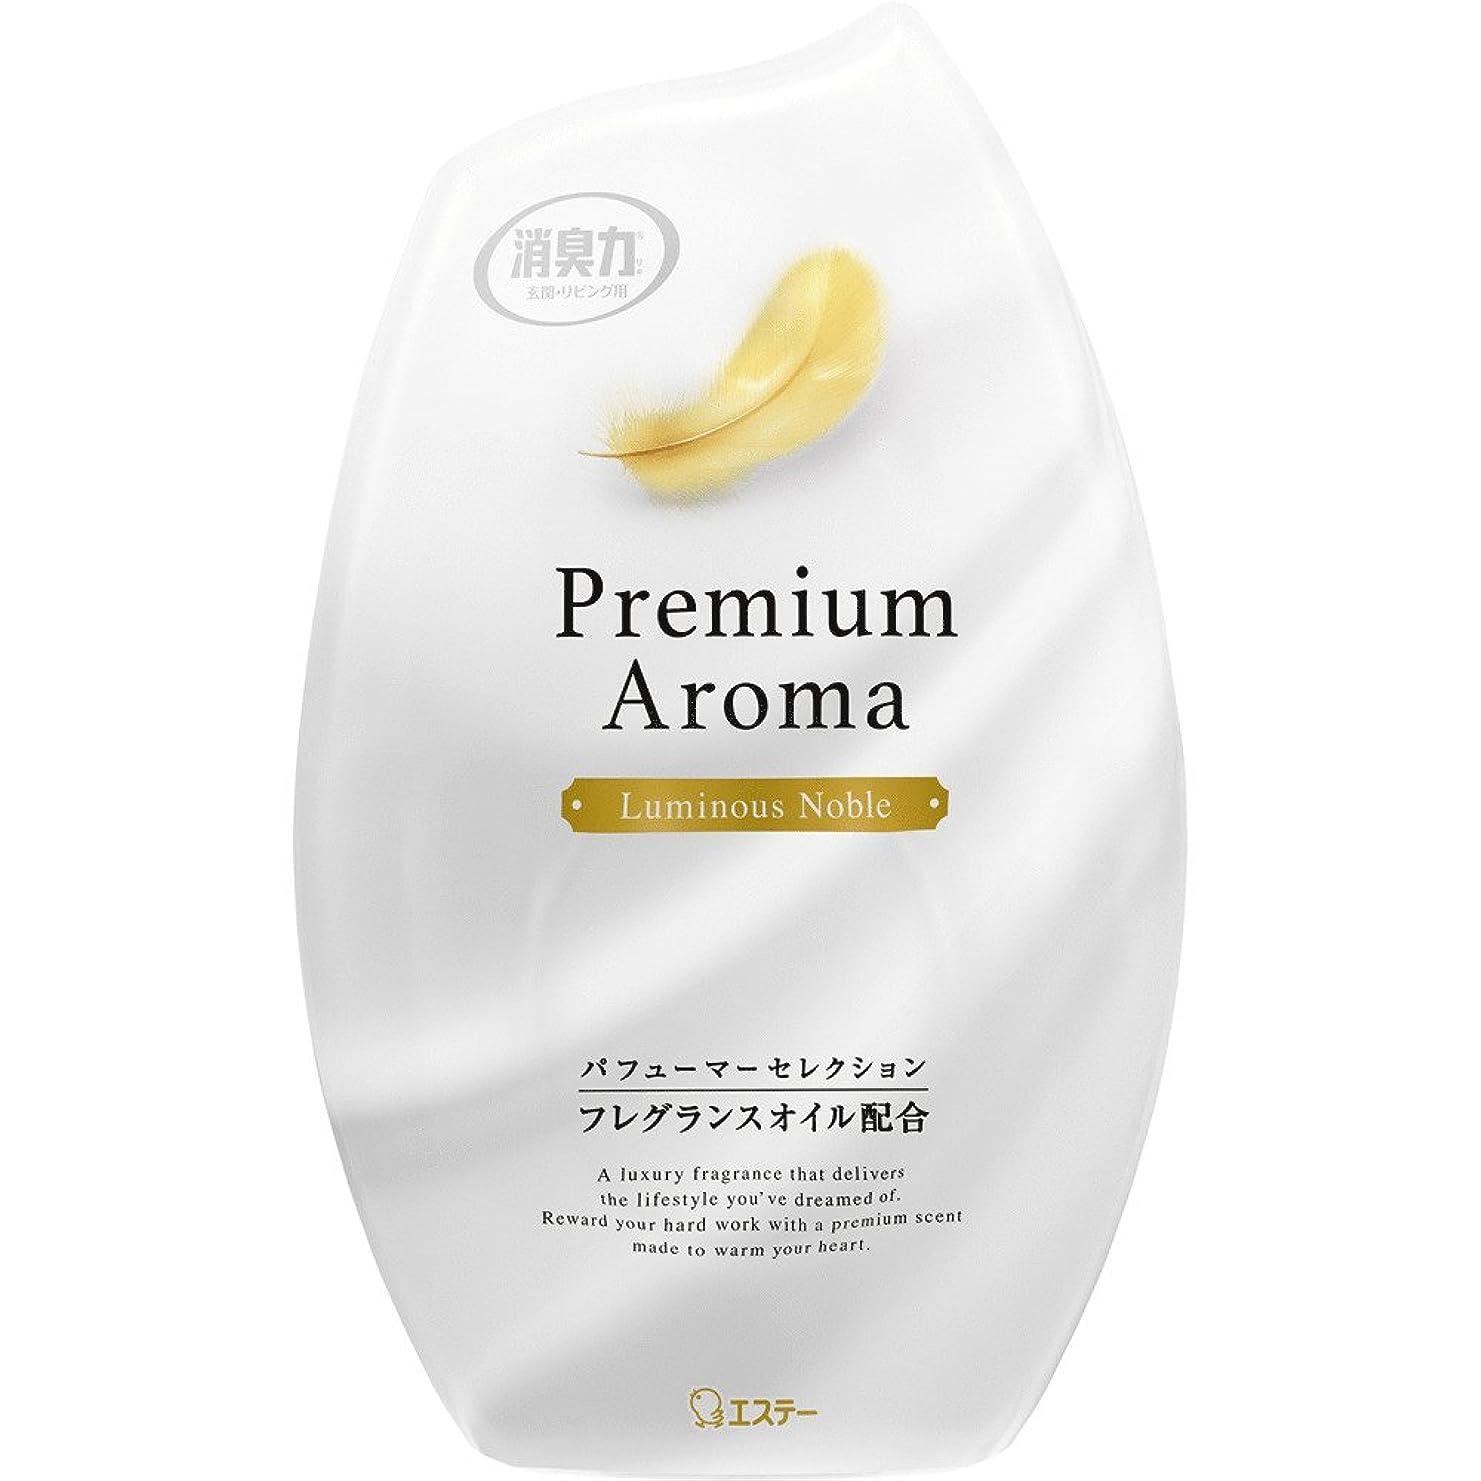 酸っぱいホラー場合お部屋の消臭力 プレミアムアロマ Premium Aroma 消臭芳香剤 部屋用 部屋 ルミナスノーブルの香り 400ml